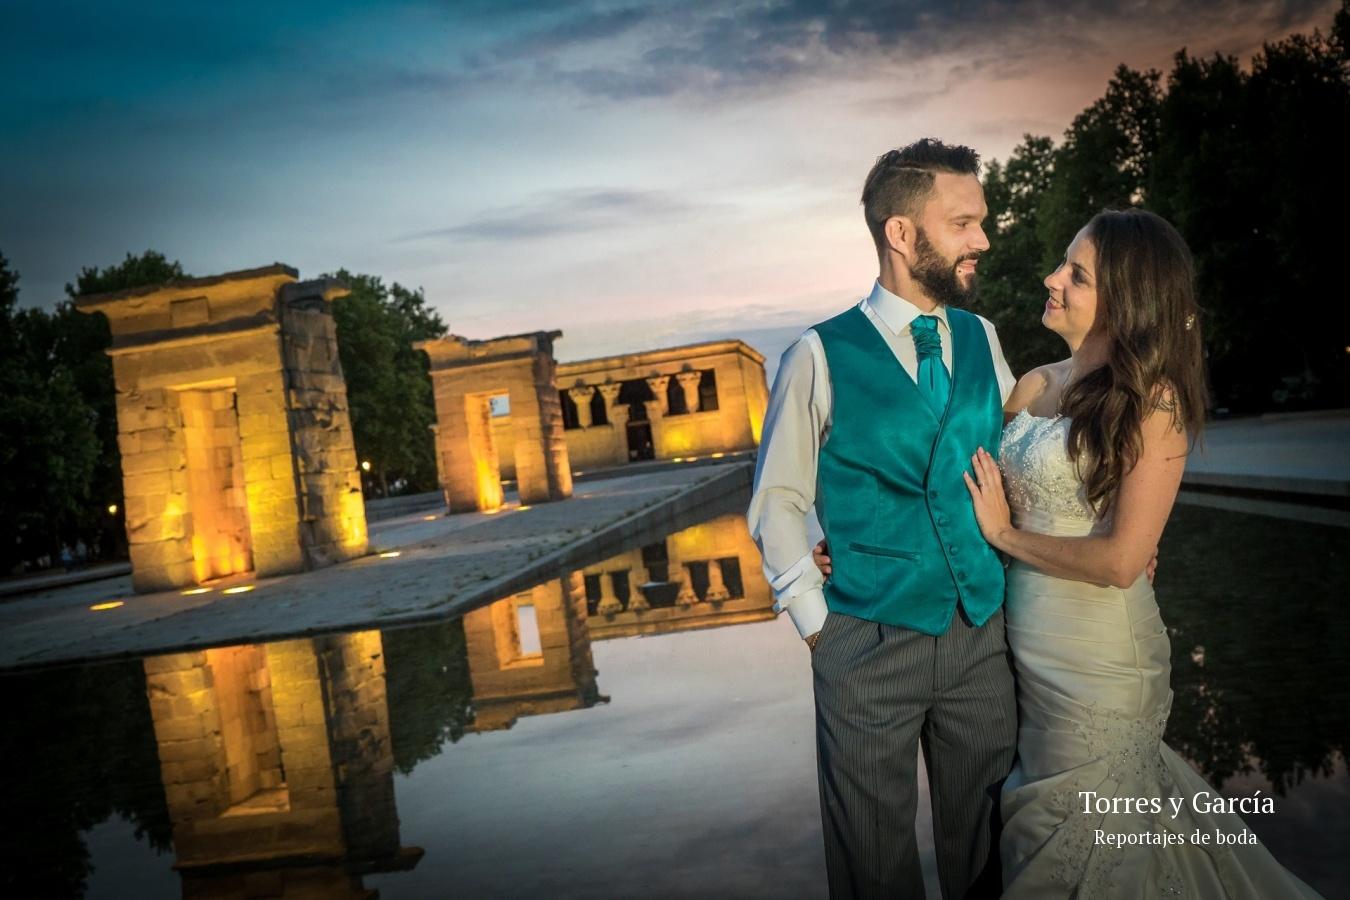 en el templo de Debot - Fotografías - Libros y reportajes de boda diferentes.